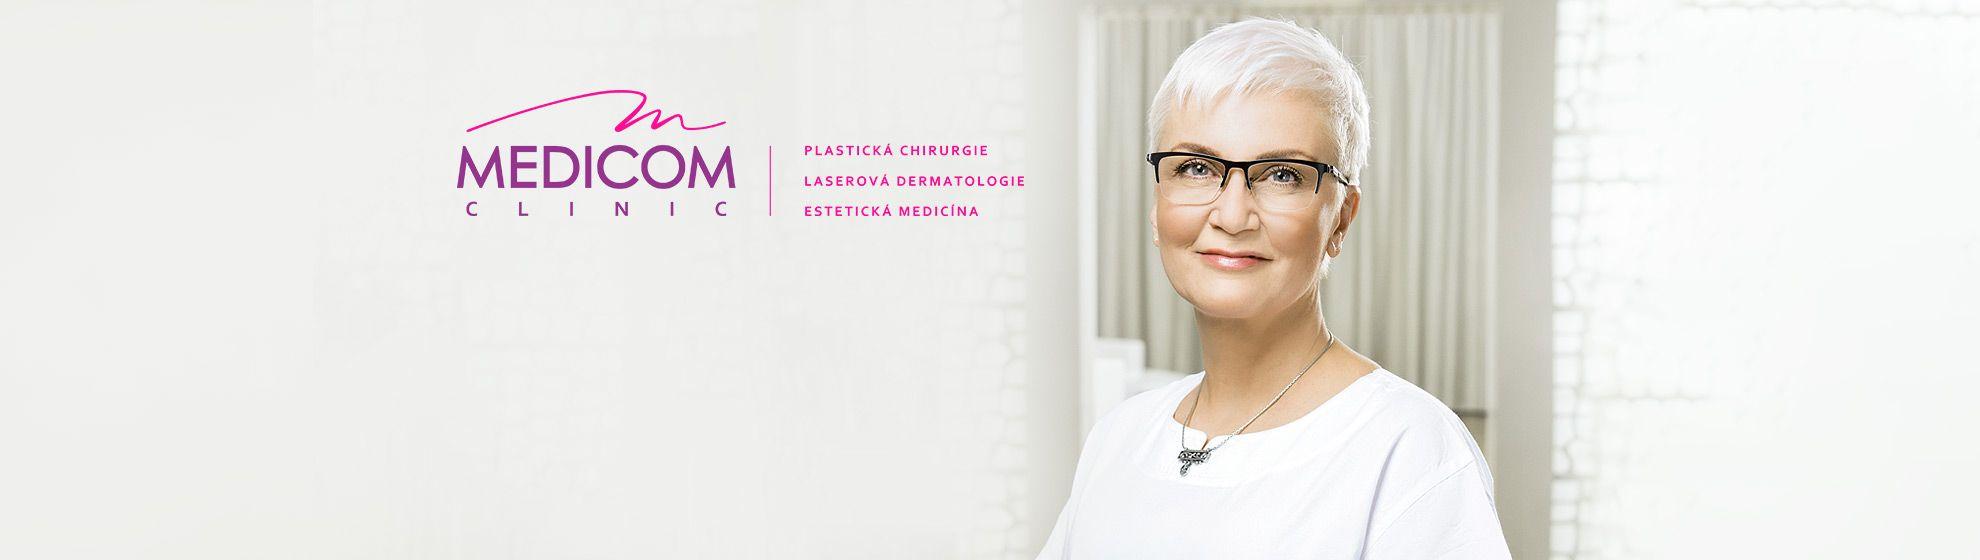 MUDr. Sabina Sellner Ph.D. - MEDICOM Clinic